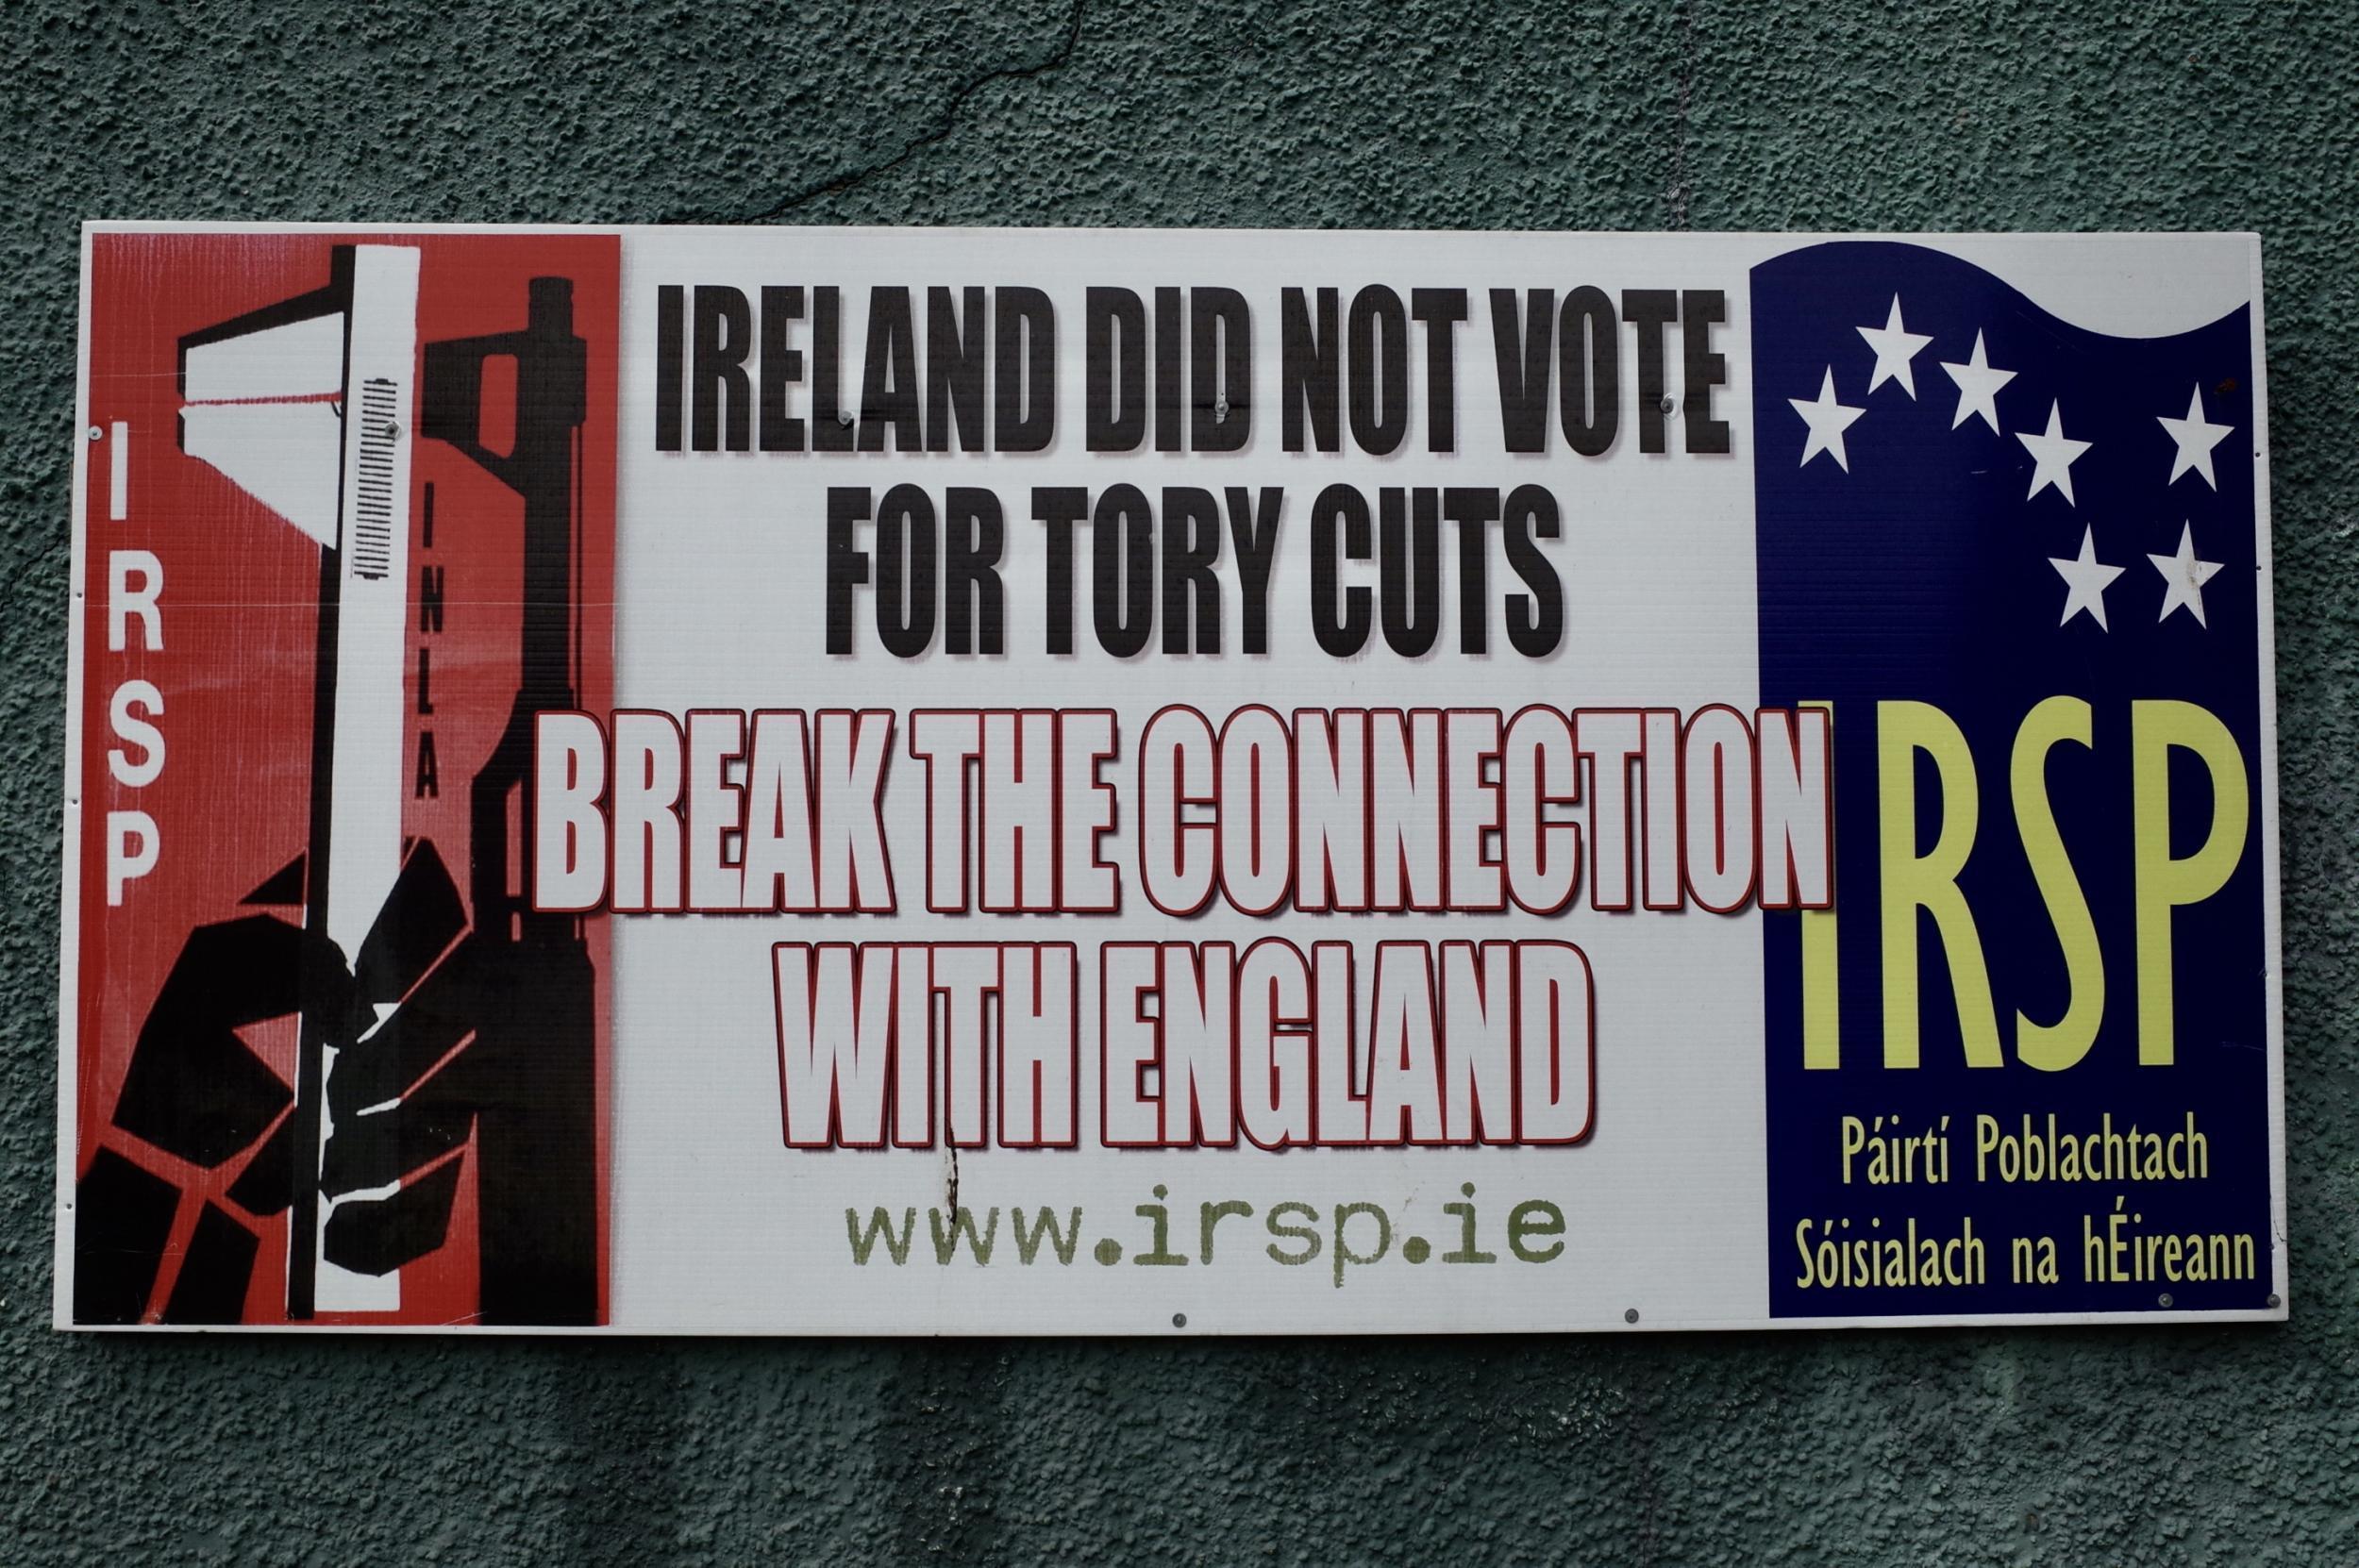 """Derry, Londonderry: """"Írország nem a toryk megszorításaira szavazott. Szakítsuk el a köteléket Angliával! Ír Forradalmi Szocialista Párt"""" – Rossville Street, az 1972-es """"véres vasárnap"""" színhelye, ahol ma is elszakadás-párti üzenetek láthatóak. Innen nézve Nagy Britannia egyszerűen csak a báránybőrbe bújt Anglia, a valódi birodalom, a gyarmati hatalom központja. (Richard Morgan / The Independent)"""